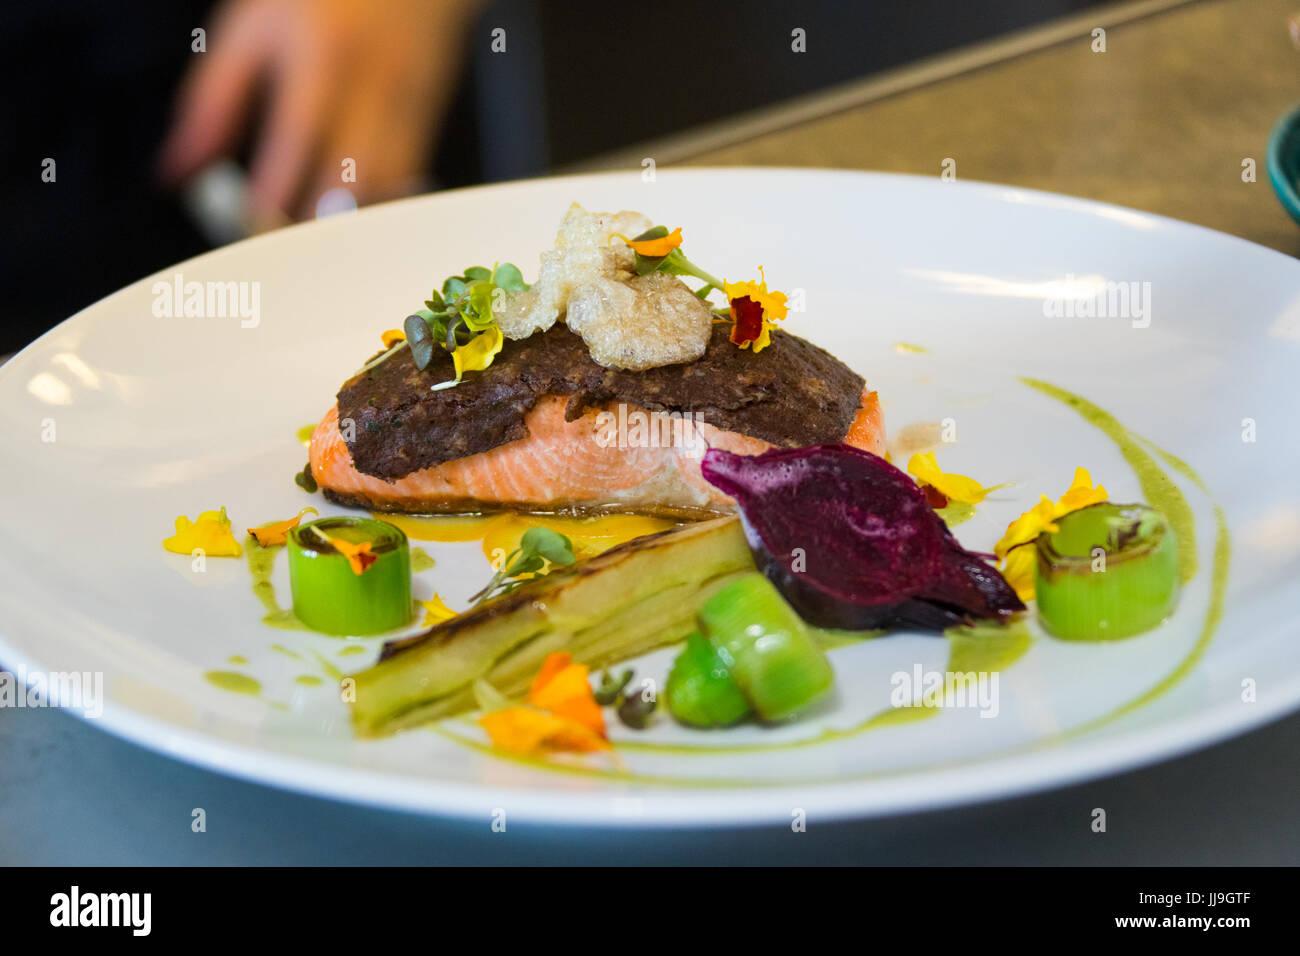 Koji-cured sockeye salmón salvaje en el restaurante nómada, Vancouver, Canadá Imagen De Stock